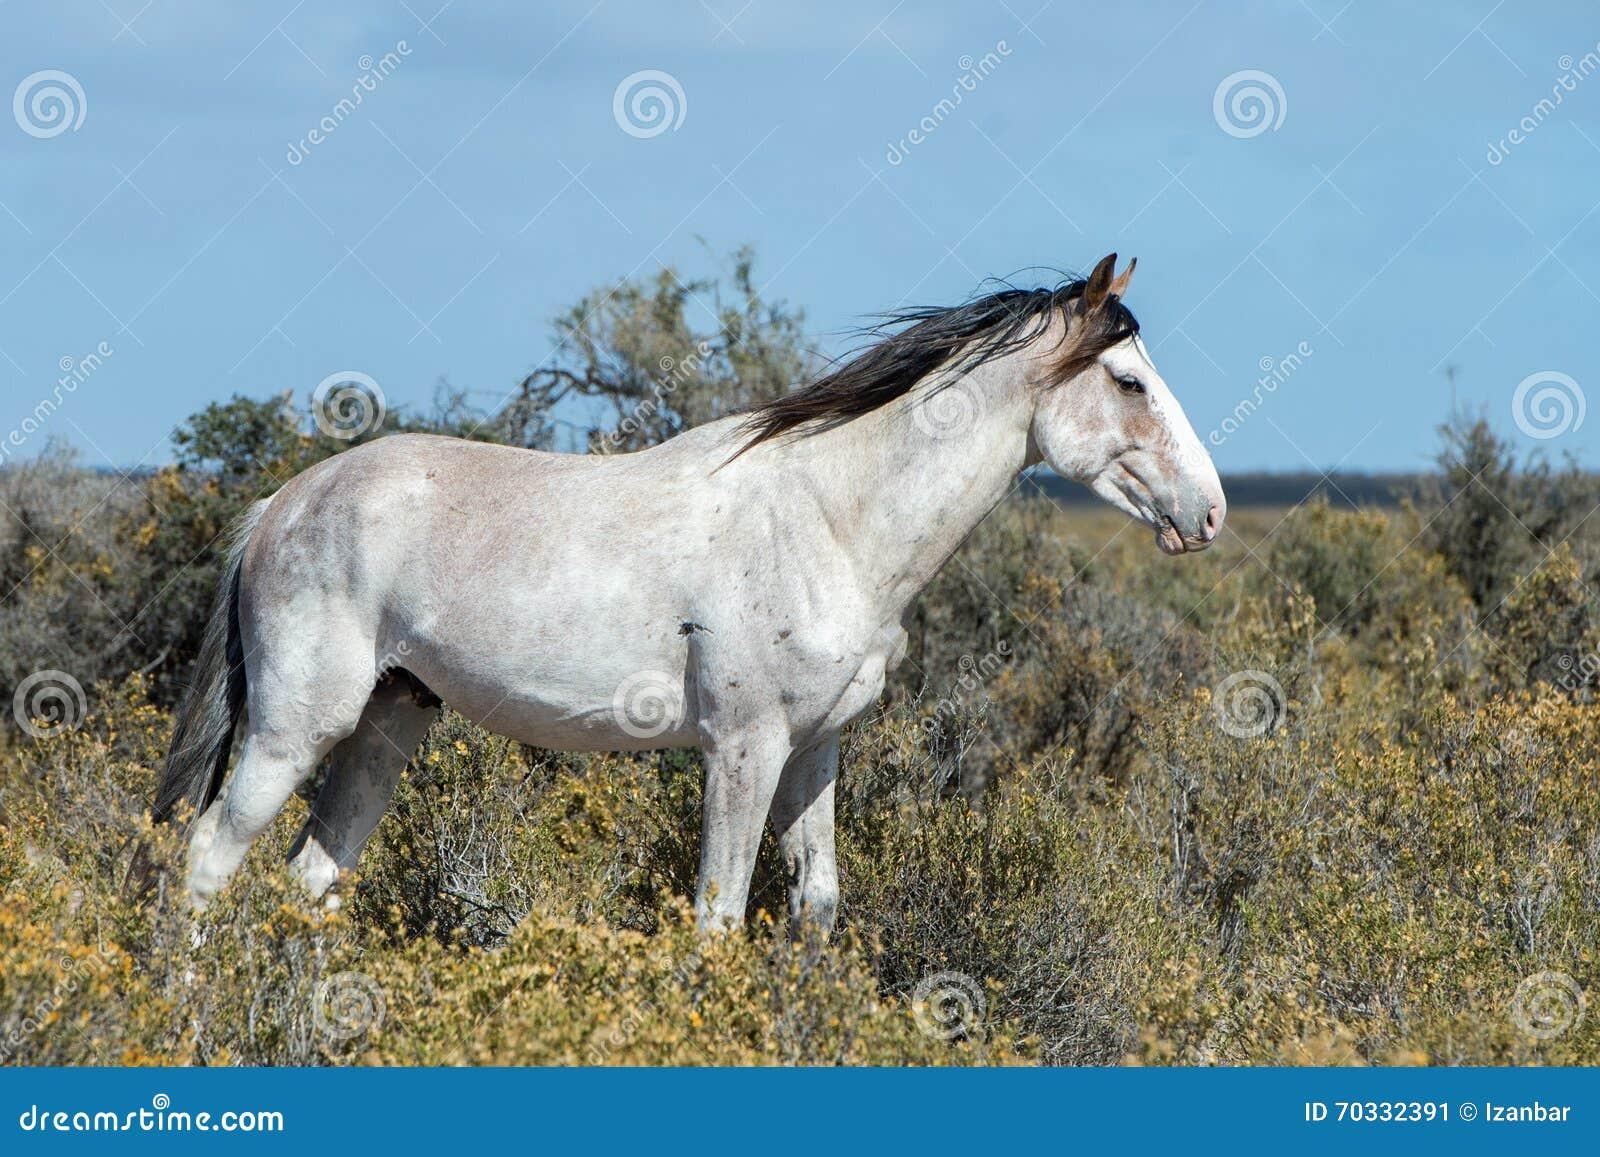 White Wild Horse On Blue Sky Background Stock Image Image Of Horses Beast 70332391